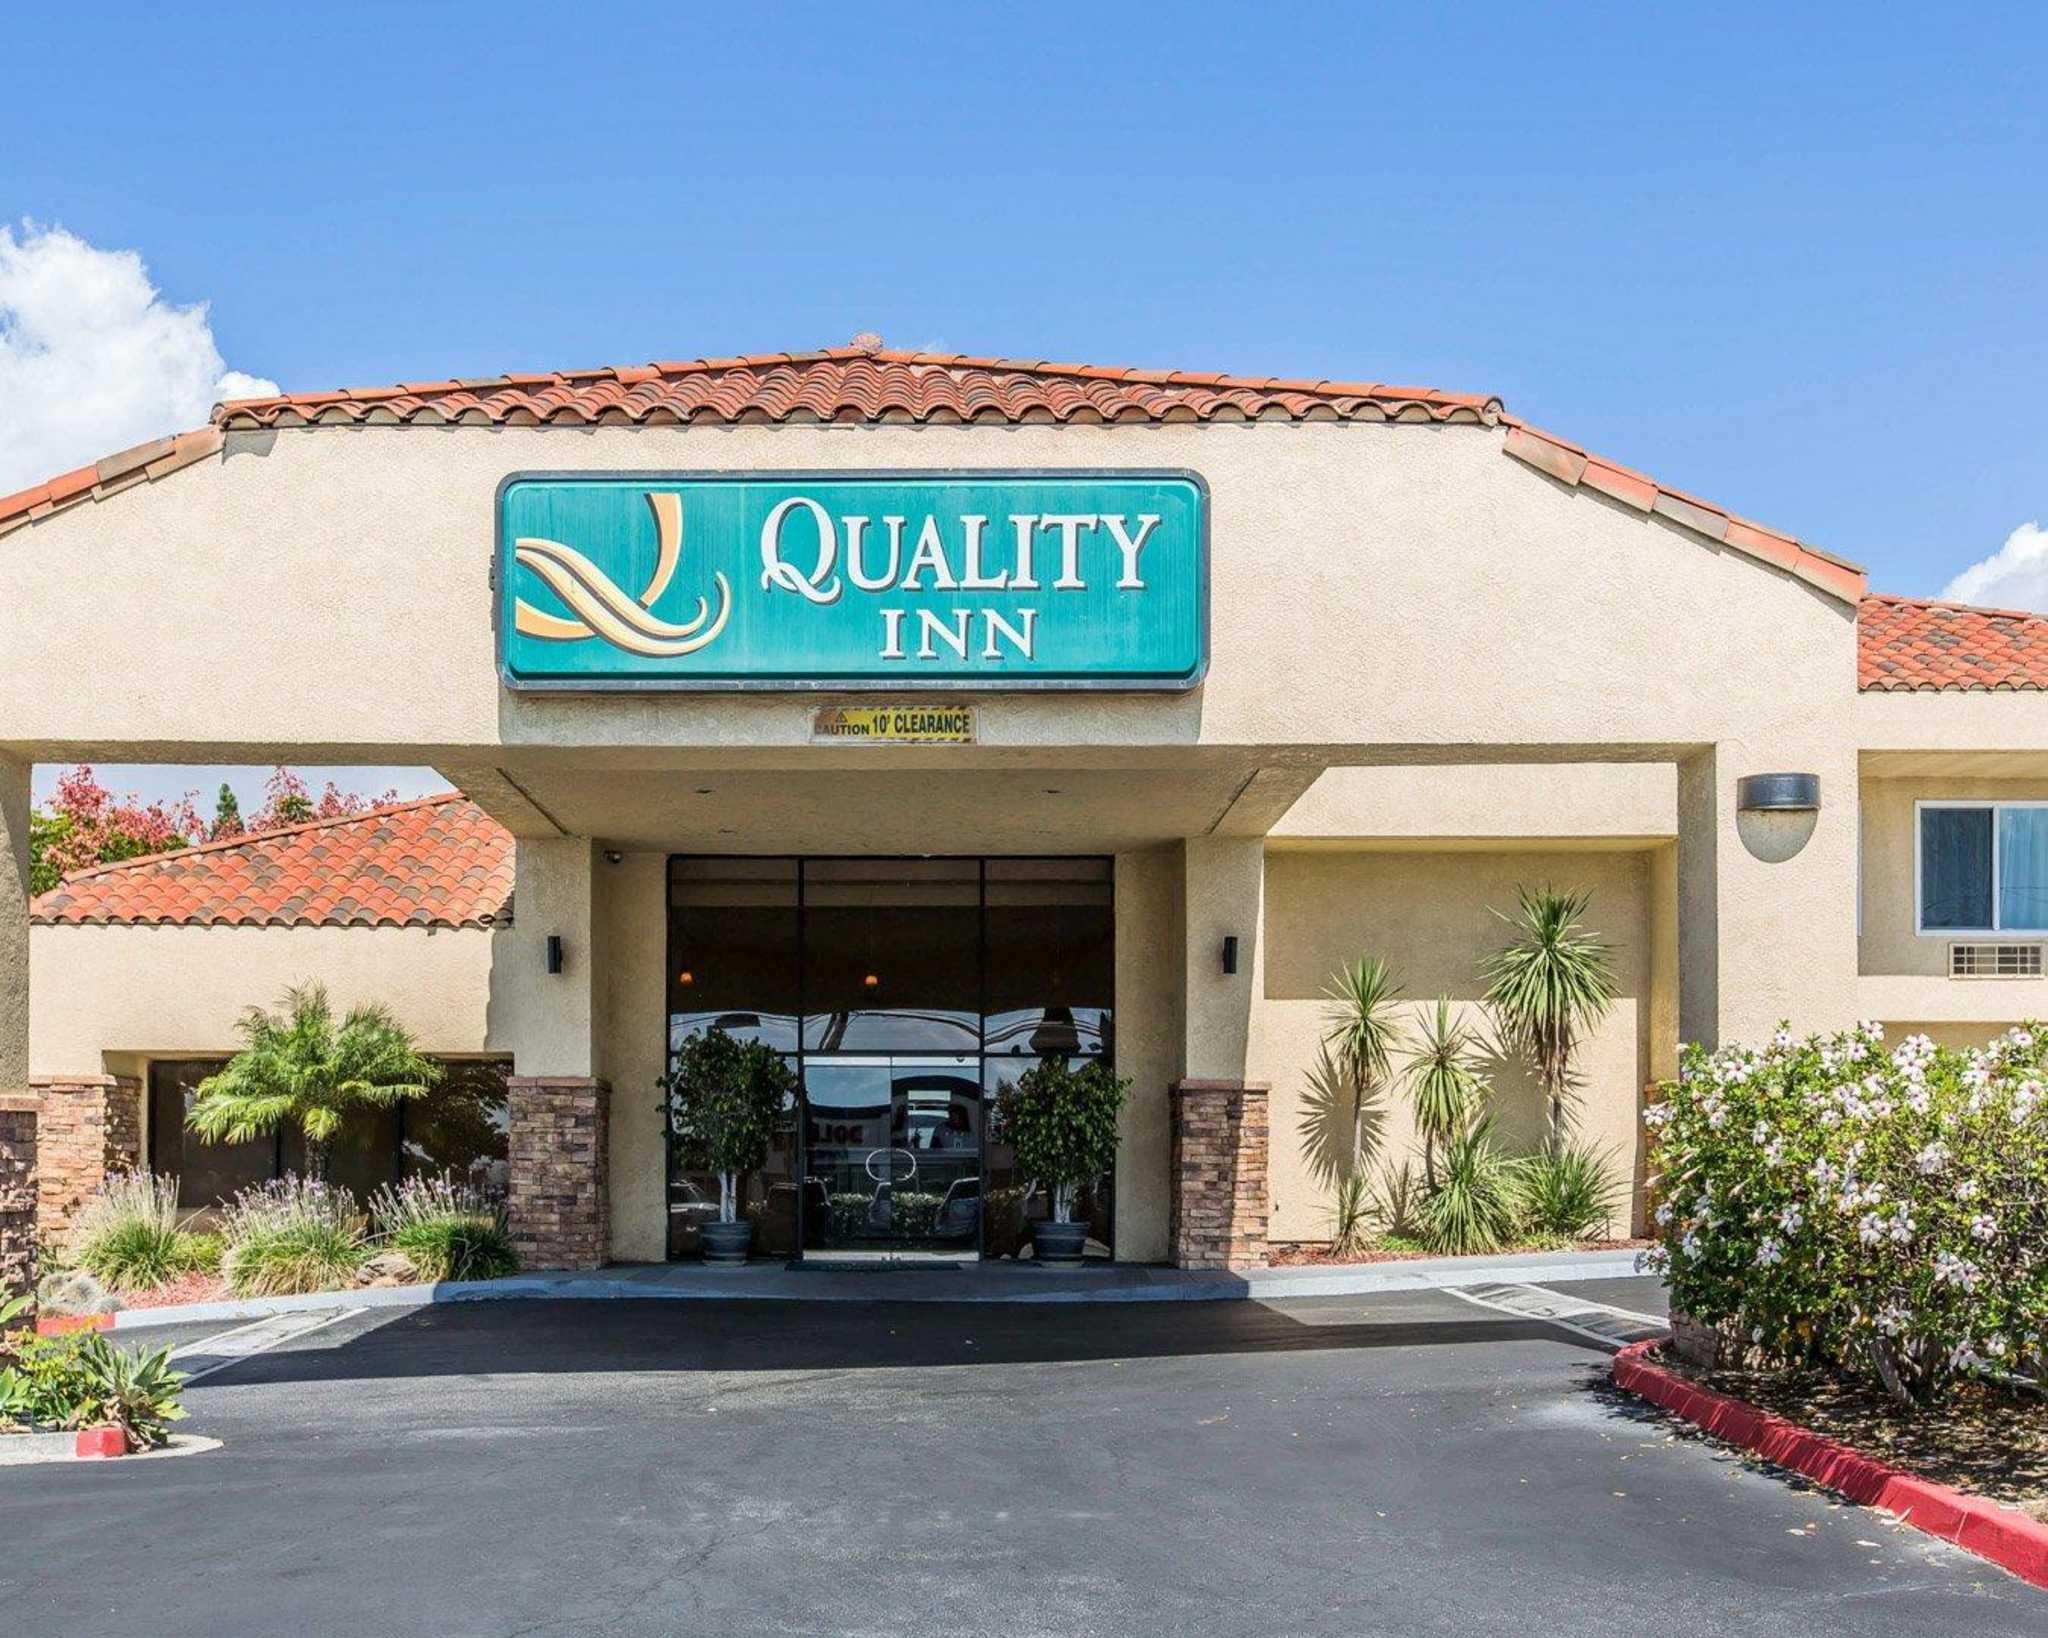 Quality Inn Long Beach Airport image 1